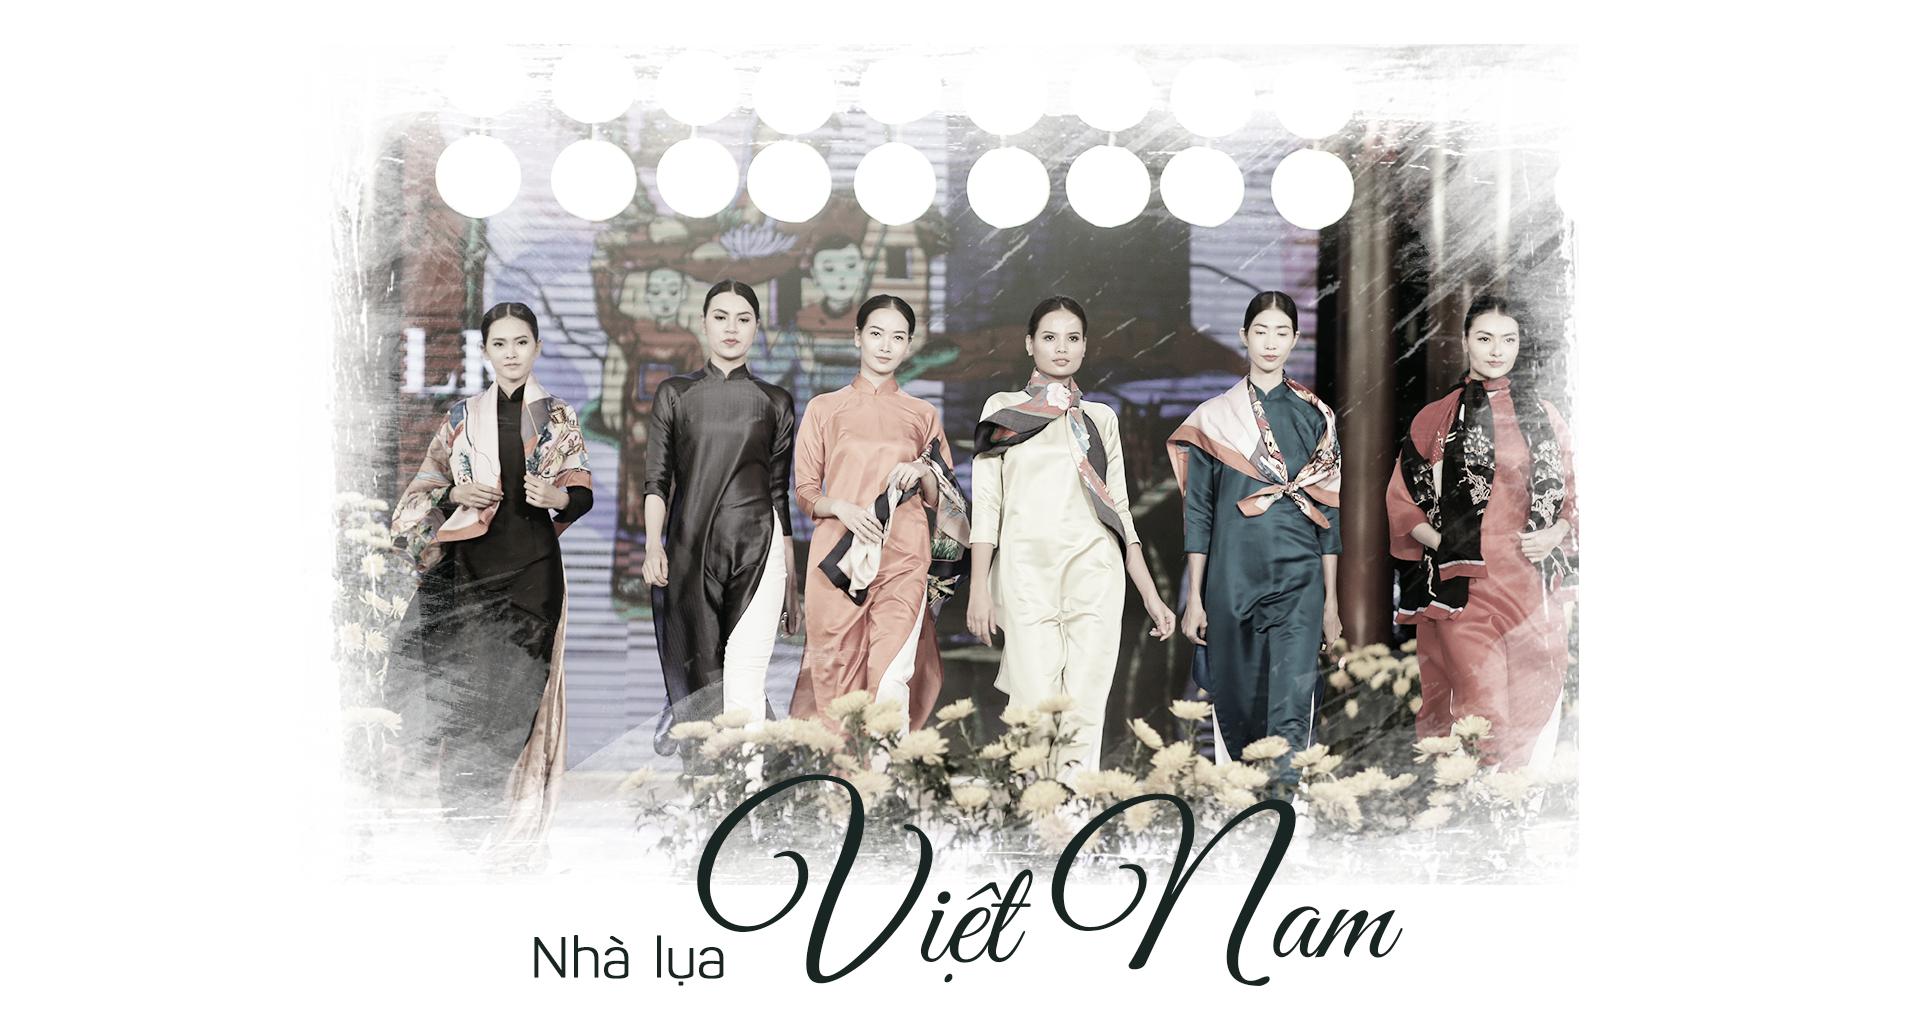 Tơ lụa Việt Nam: Dốc toàn lực cho cuộc hóa thân mới - Ảnh 7.